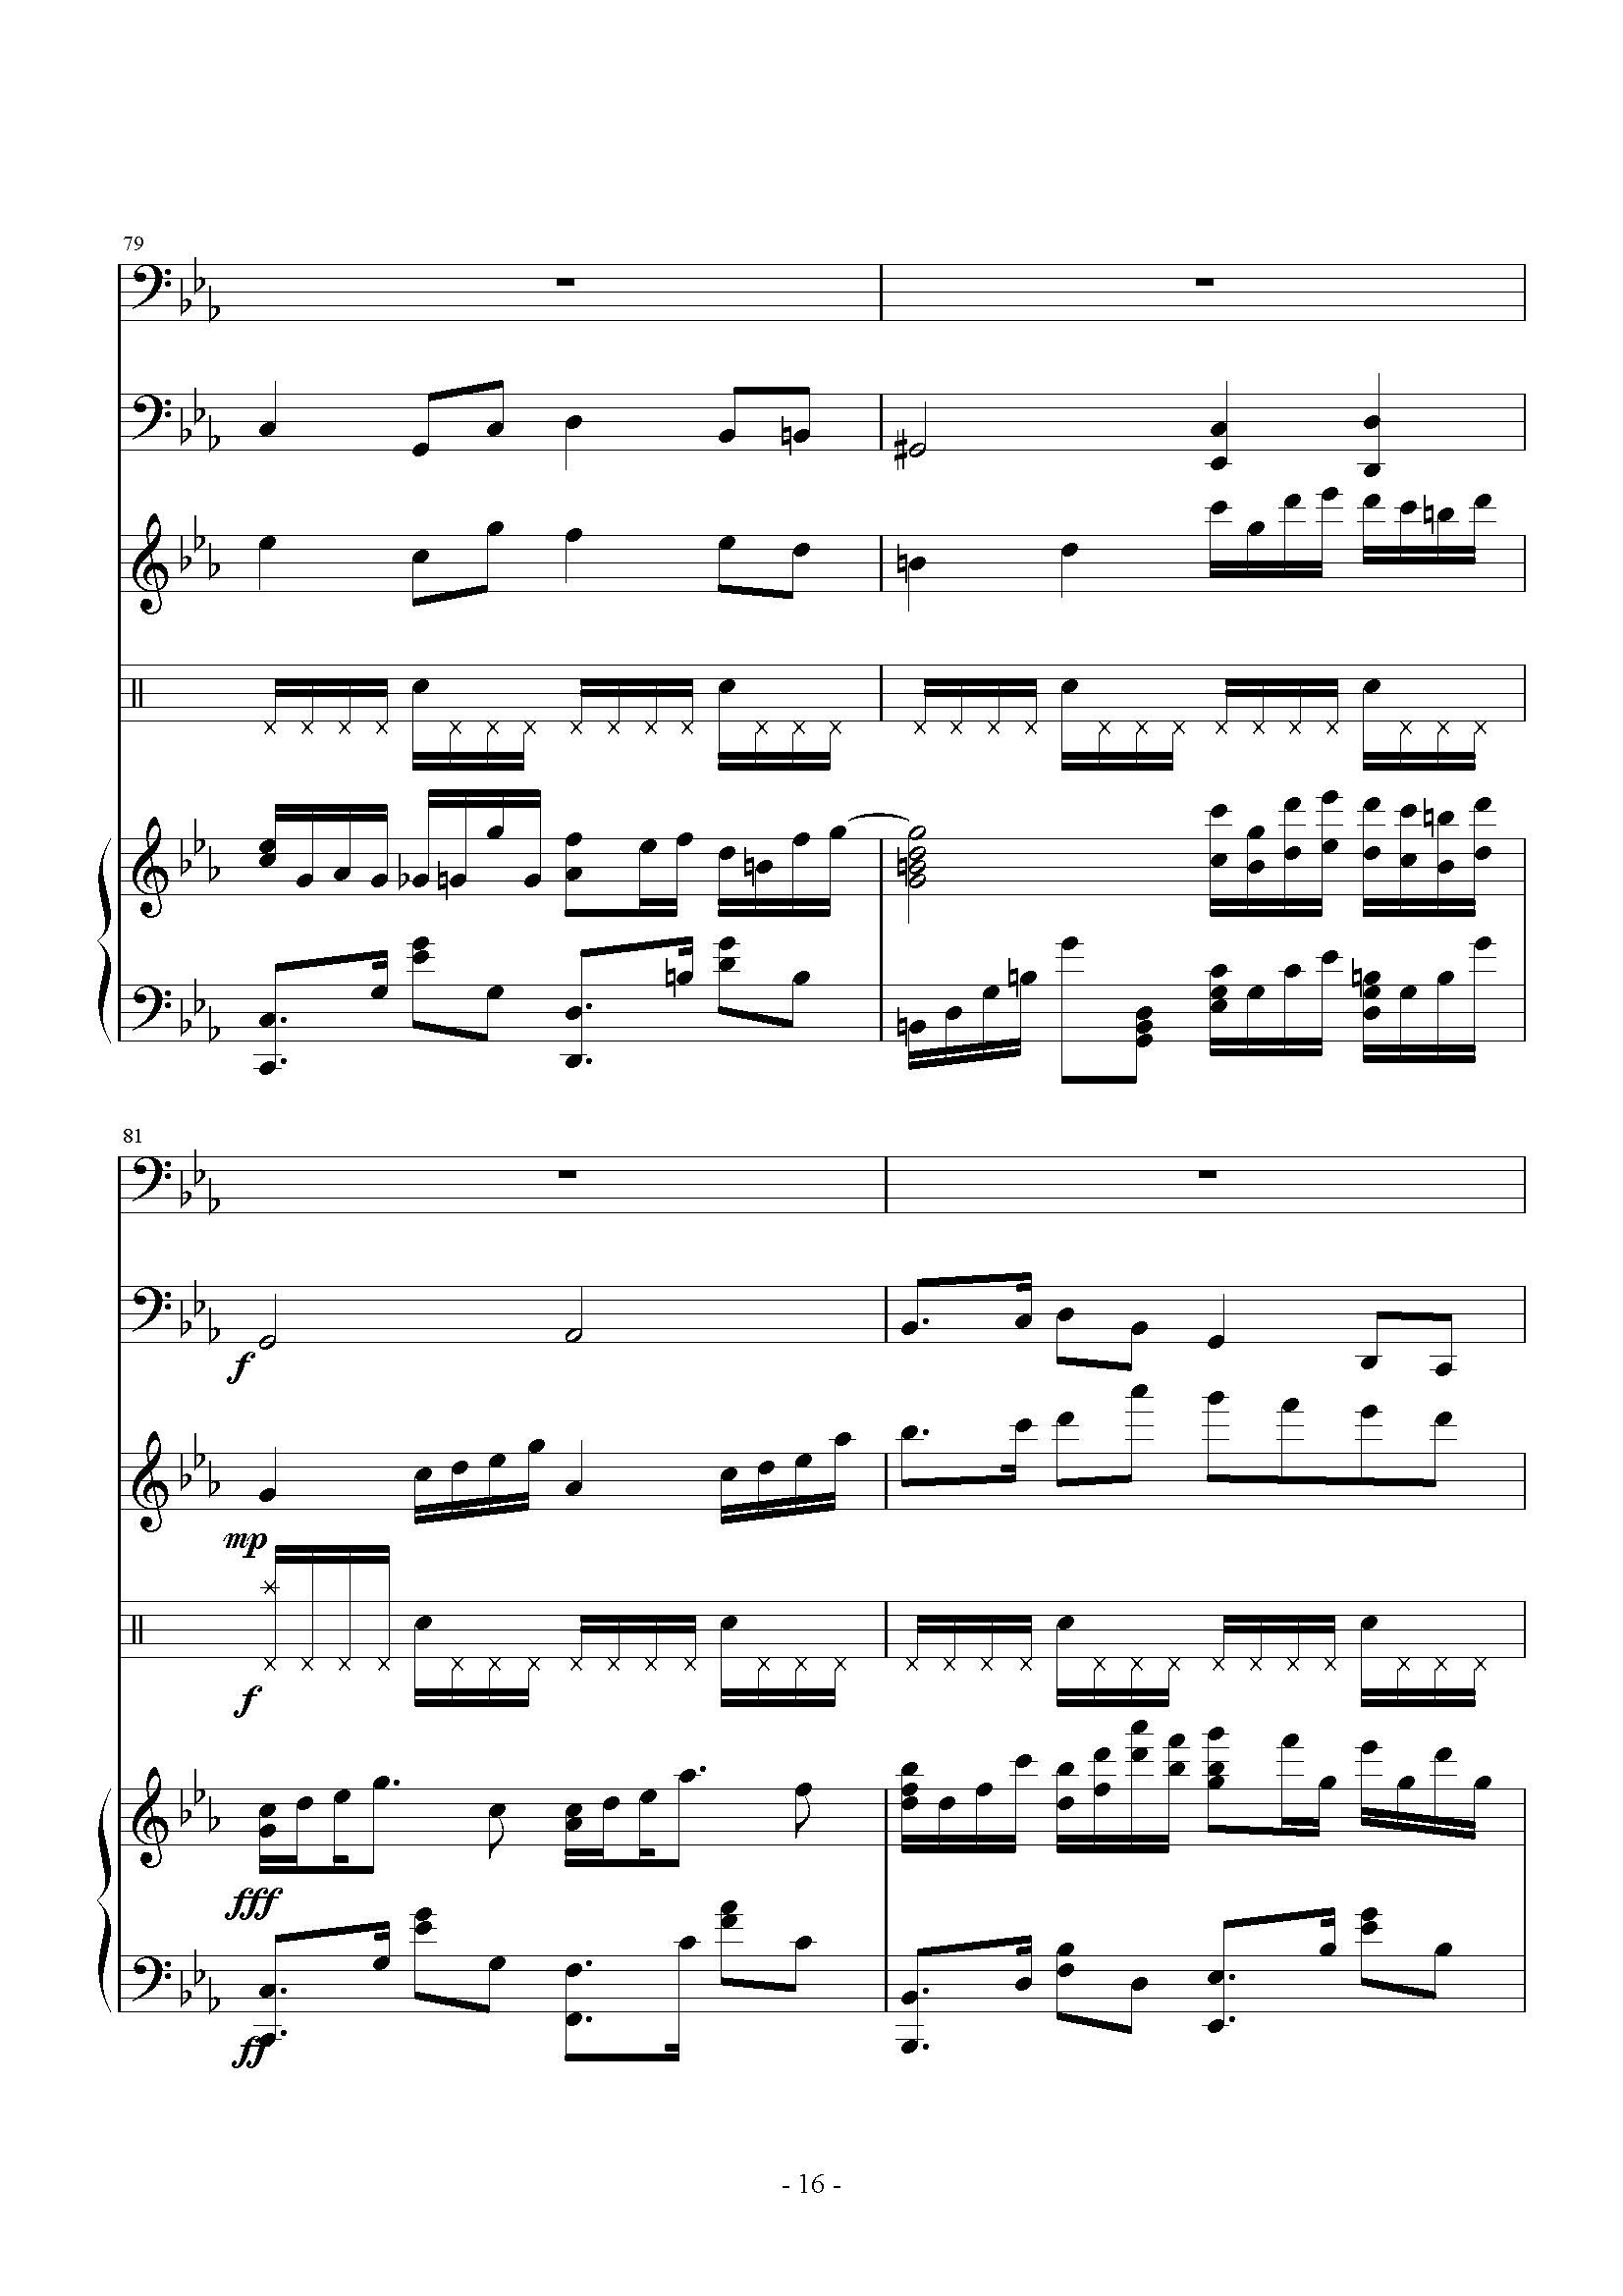 褪色的夏天钢琴谱 第16页